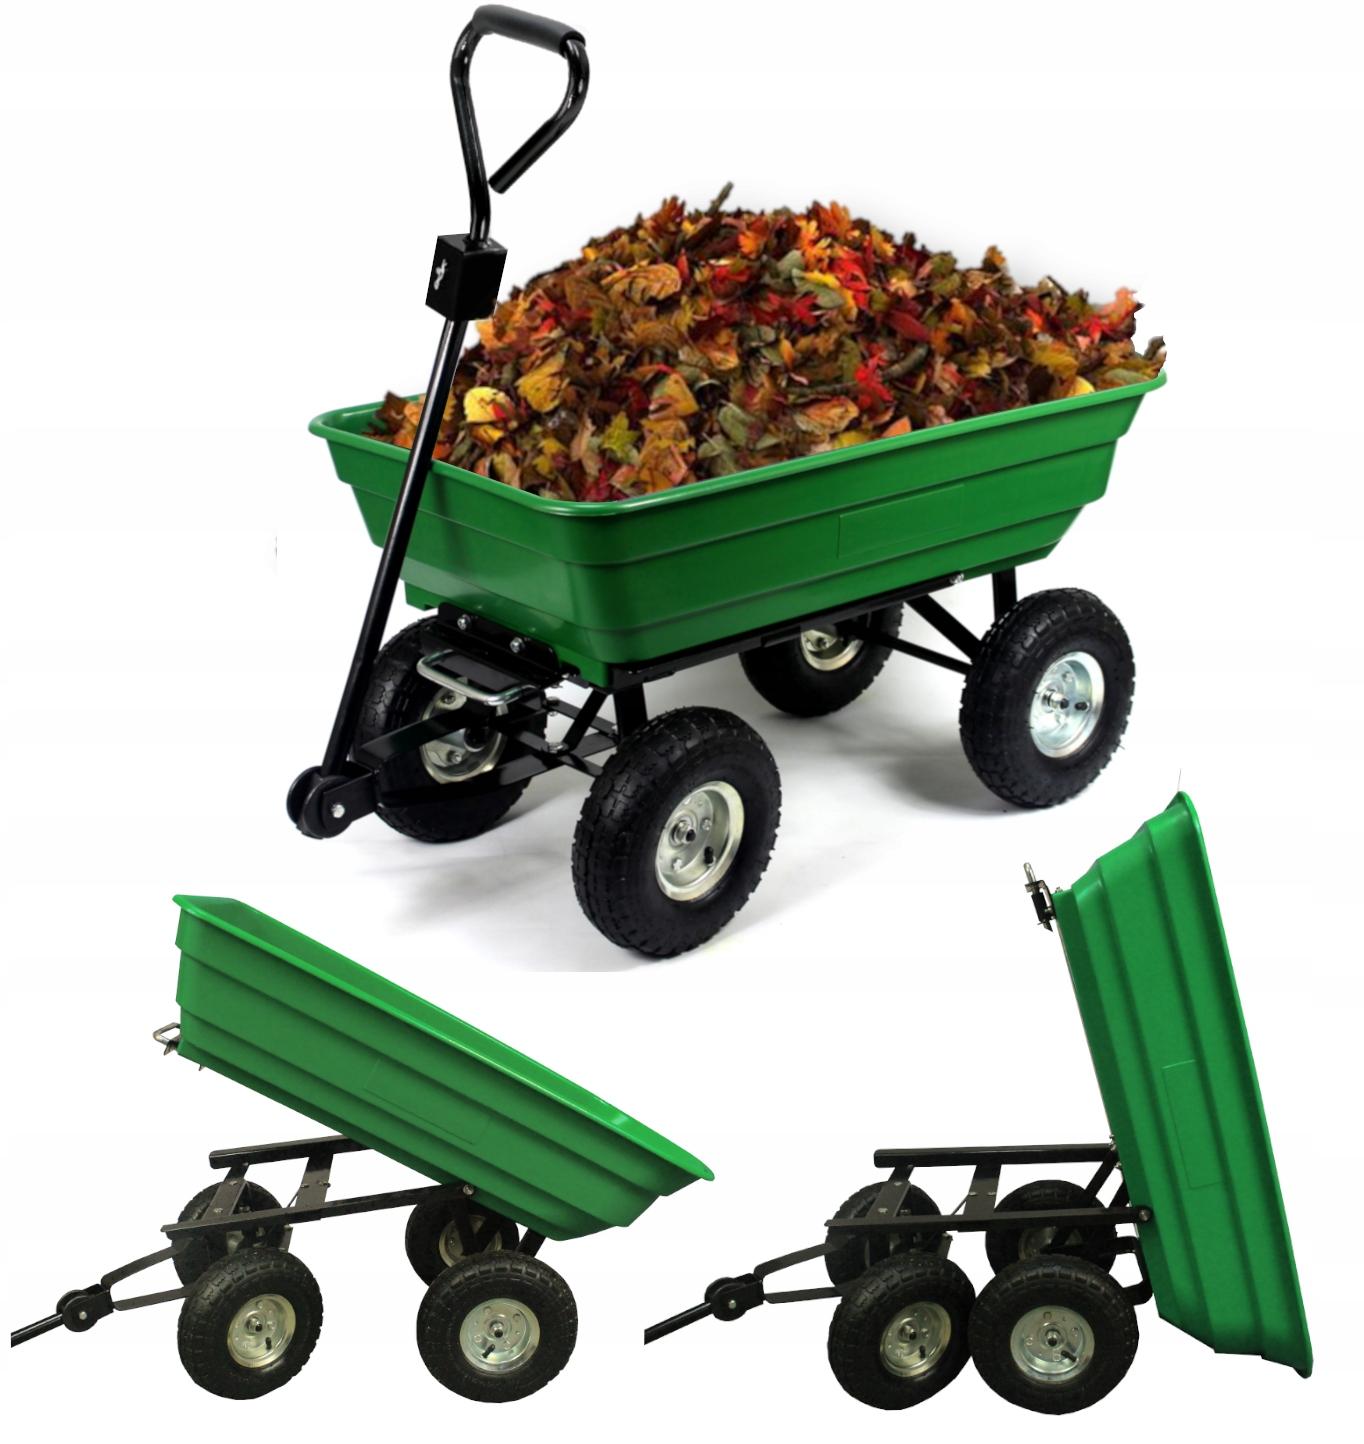 коляска садовый ТРАНСПОРТНЫЙ ПРИЦЕП для 300 кг